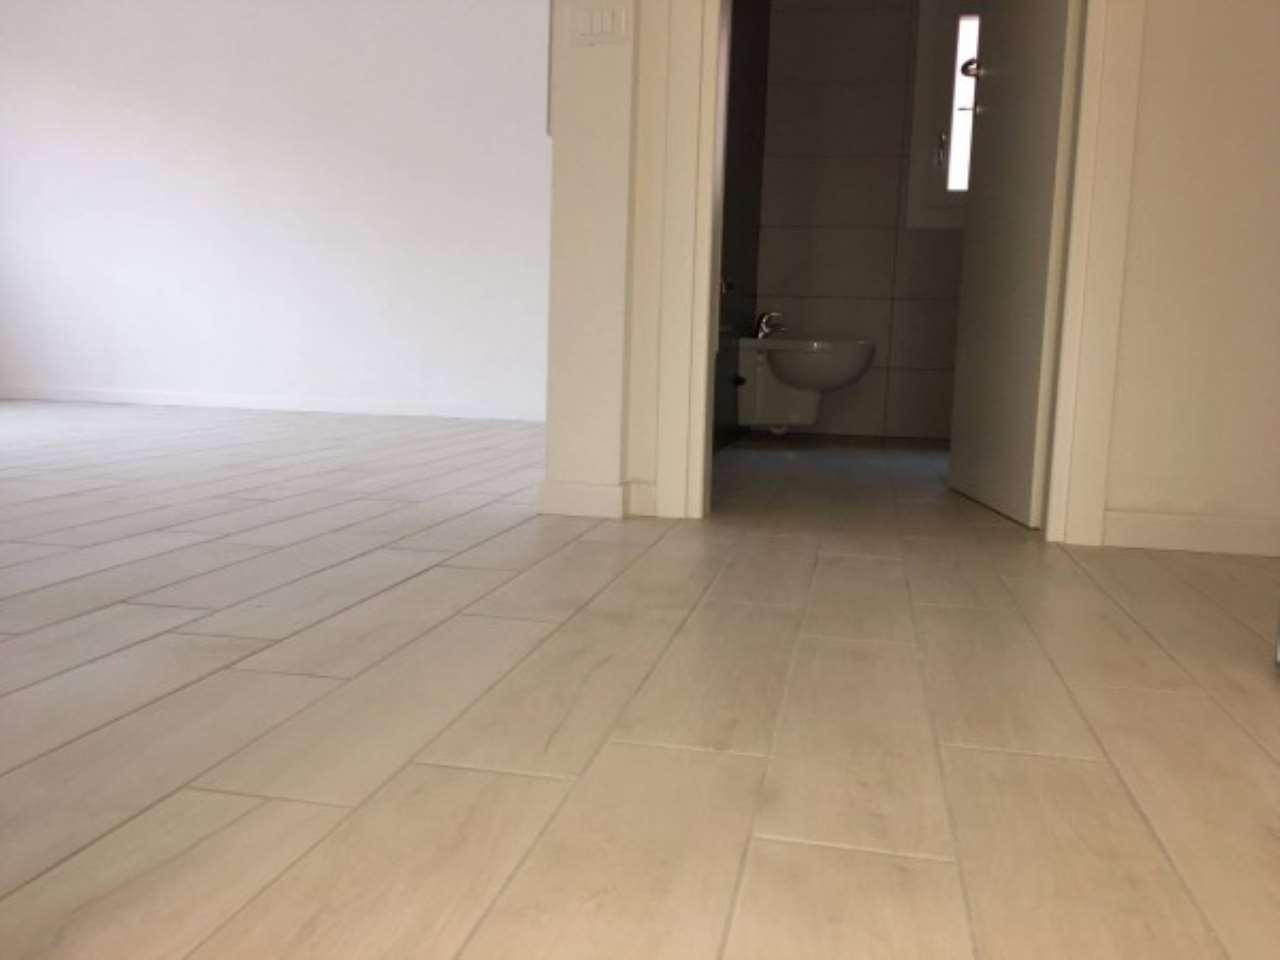 Attico / Mansarda in vendita a Chioggia, 2 locali, prezzo € 120.000 | Cambio Casa.it